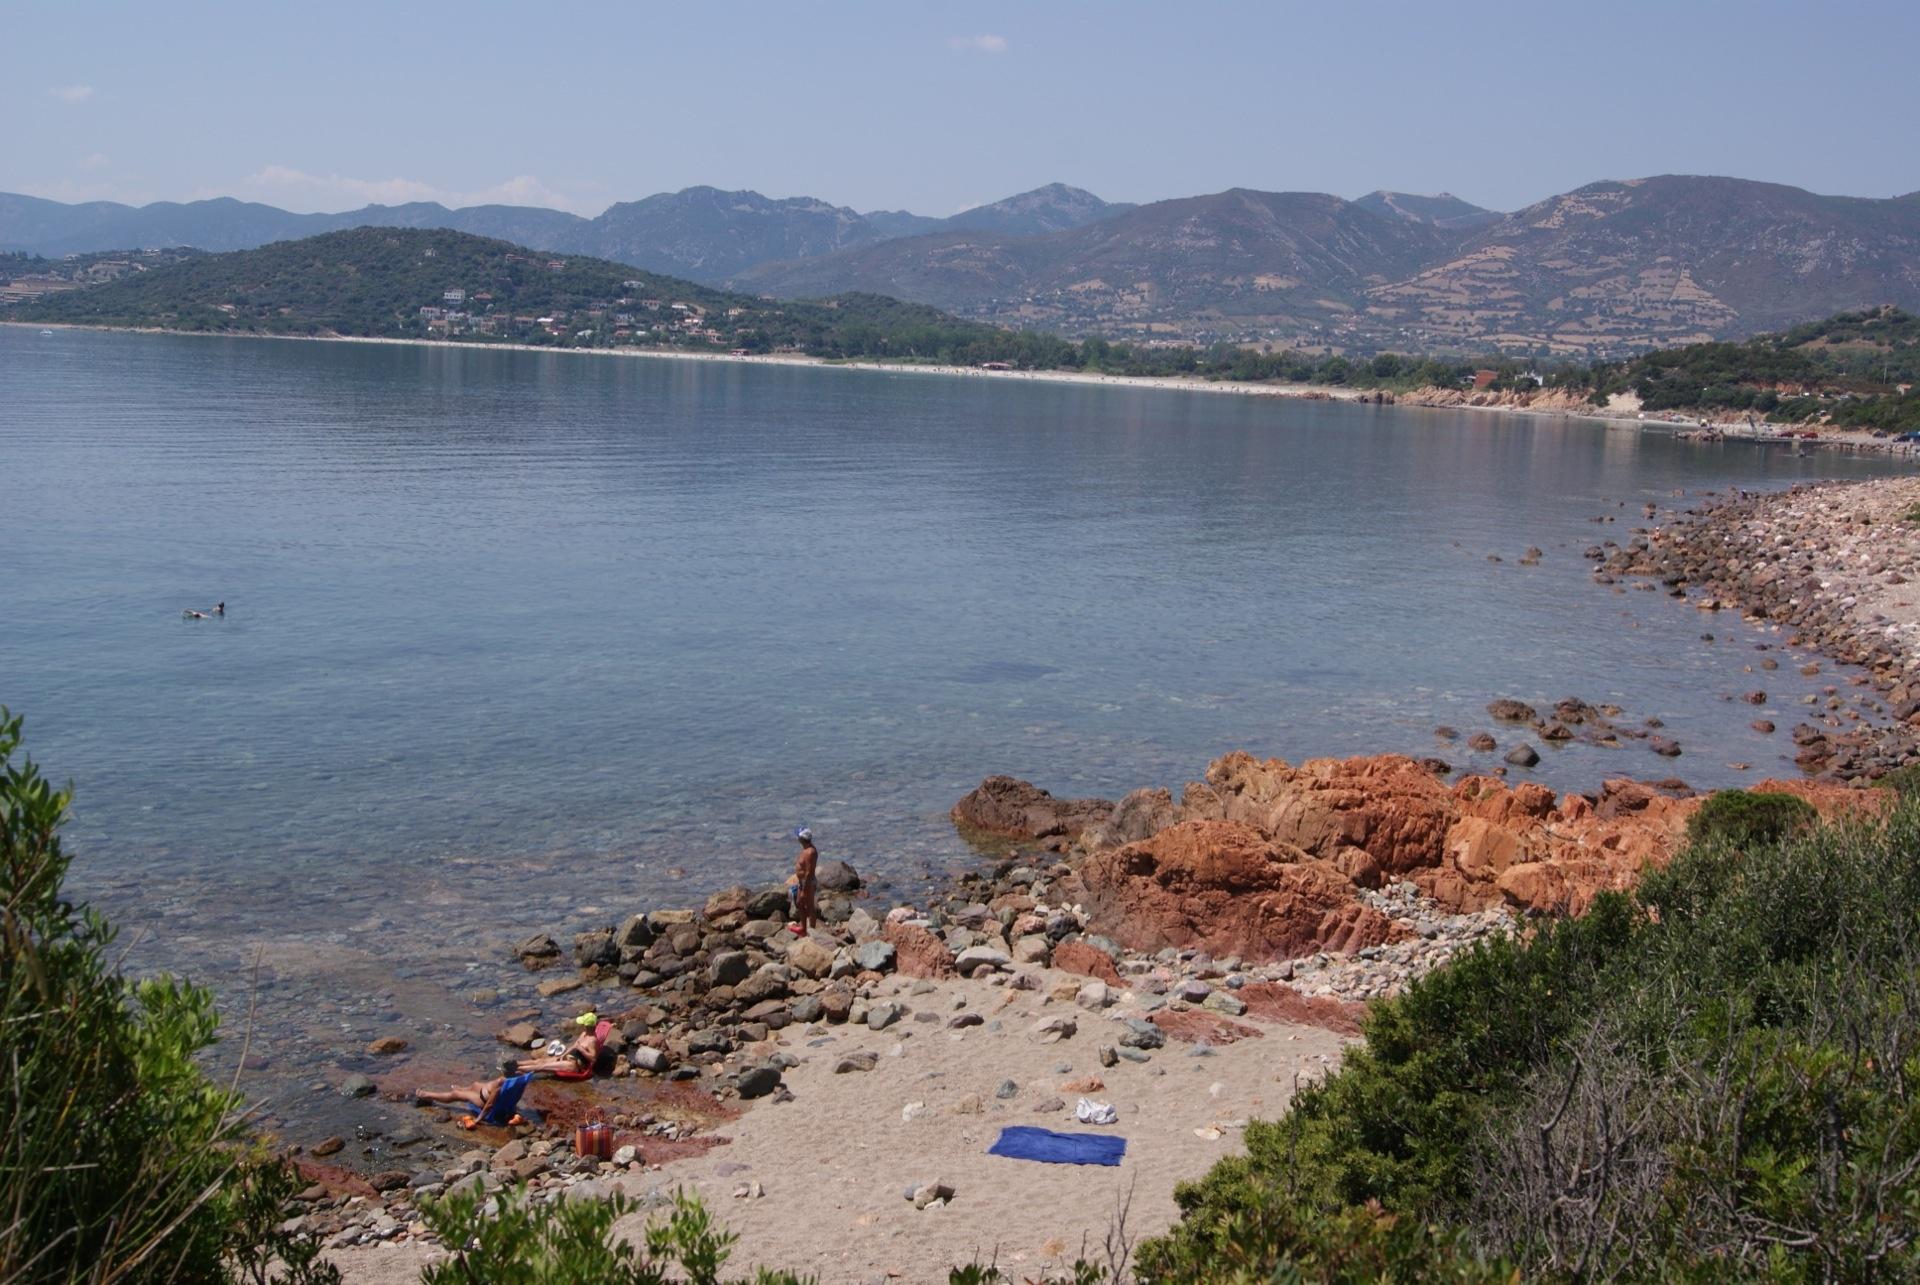 Spiaggia Sferracavallo - Barcarello